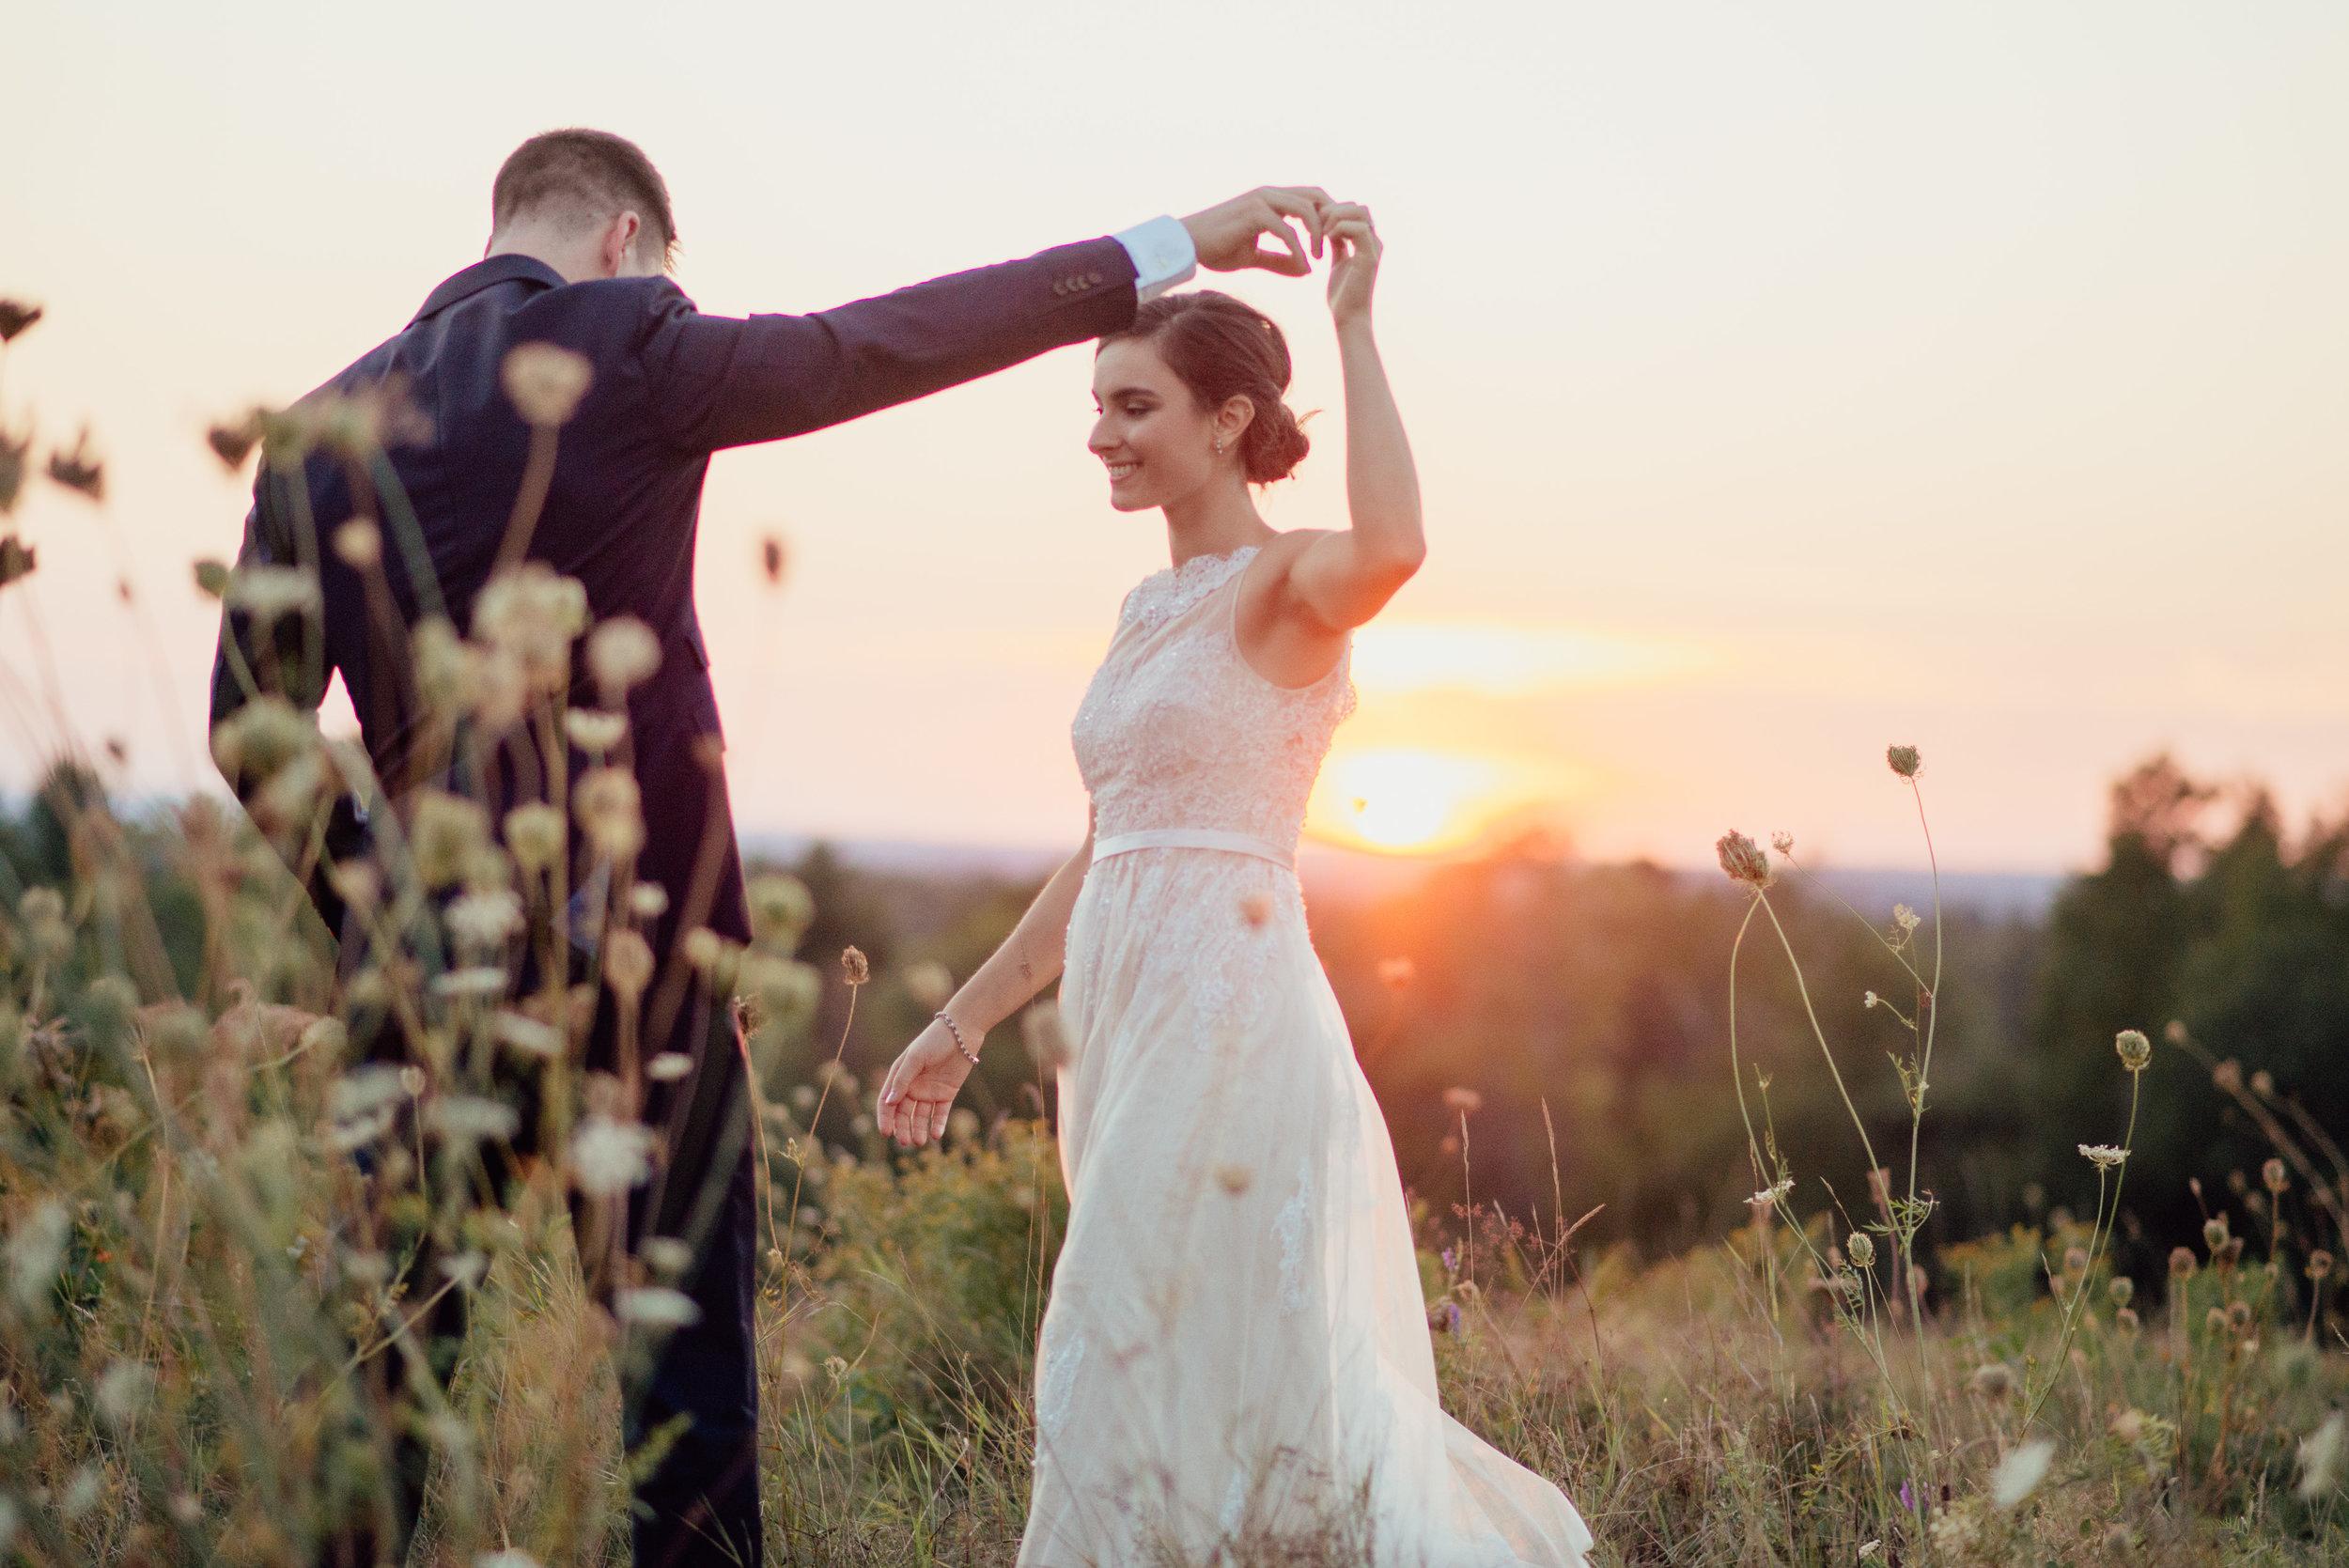 cleland-studios-weddings-57.jpg